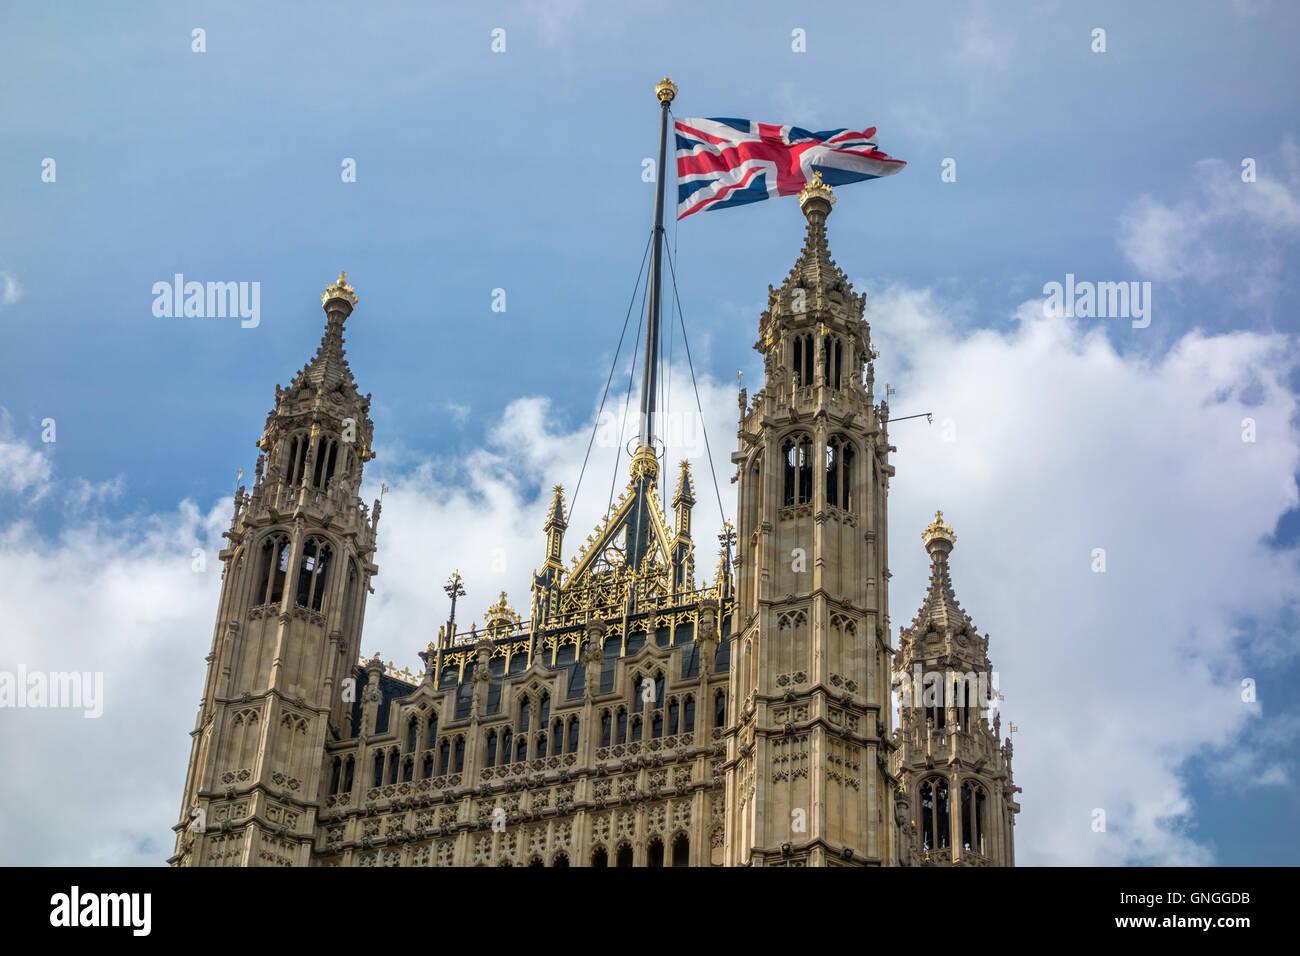 Unione battenti bandiera su Victoria torre, le Case del Parlamento. Londra, Regno Unito Immagini Stock